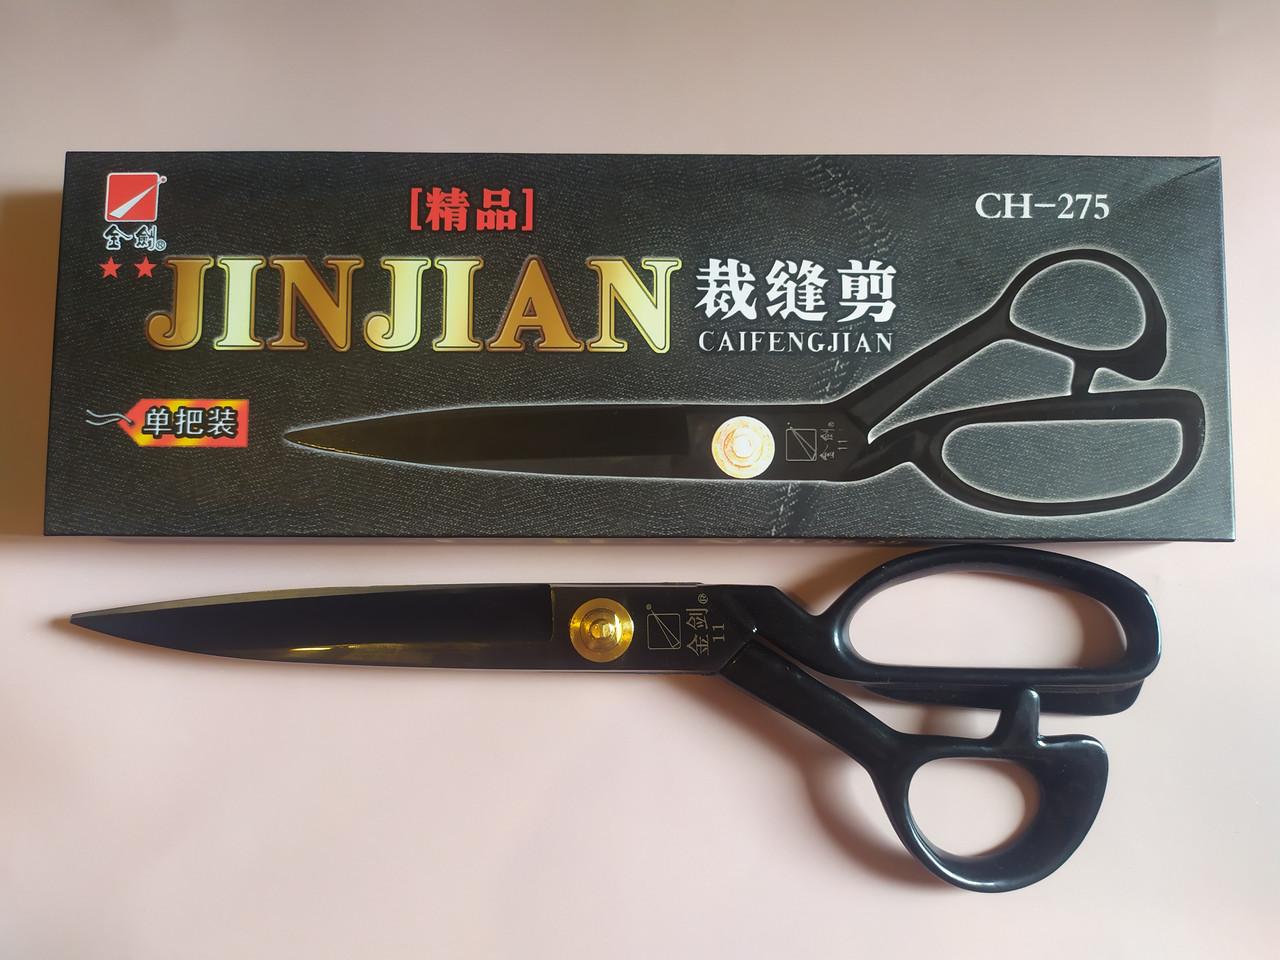 Ножницы портновские для кройки и шитья JINJIAN 11 CH275 28.5 см